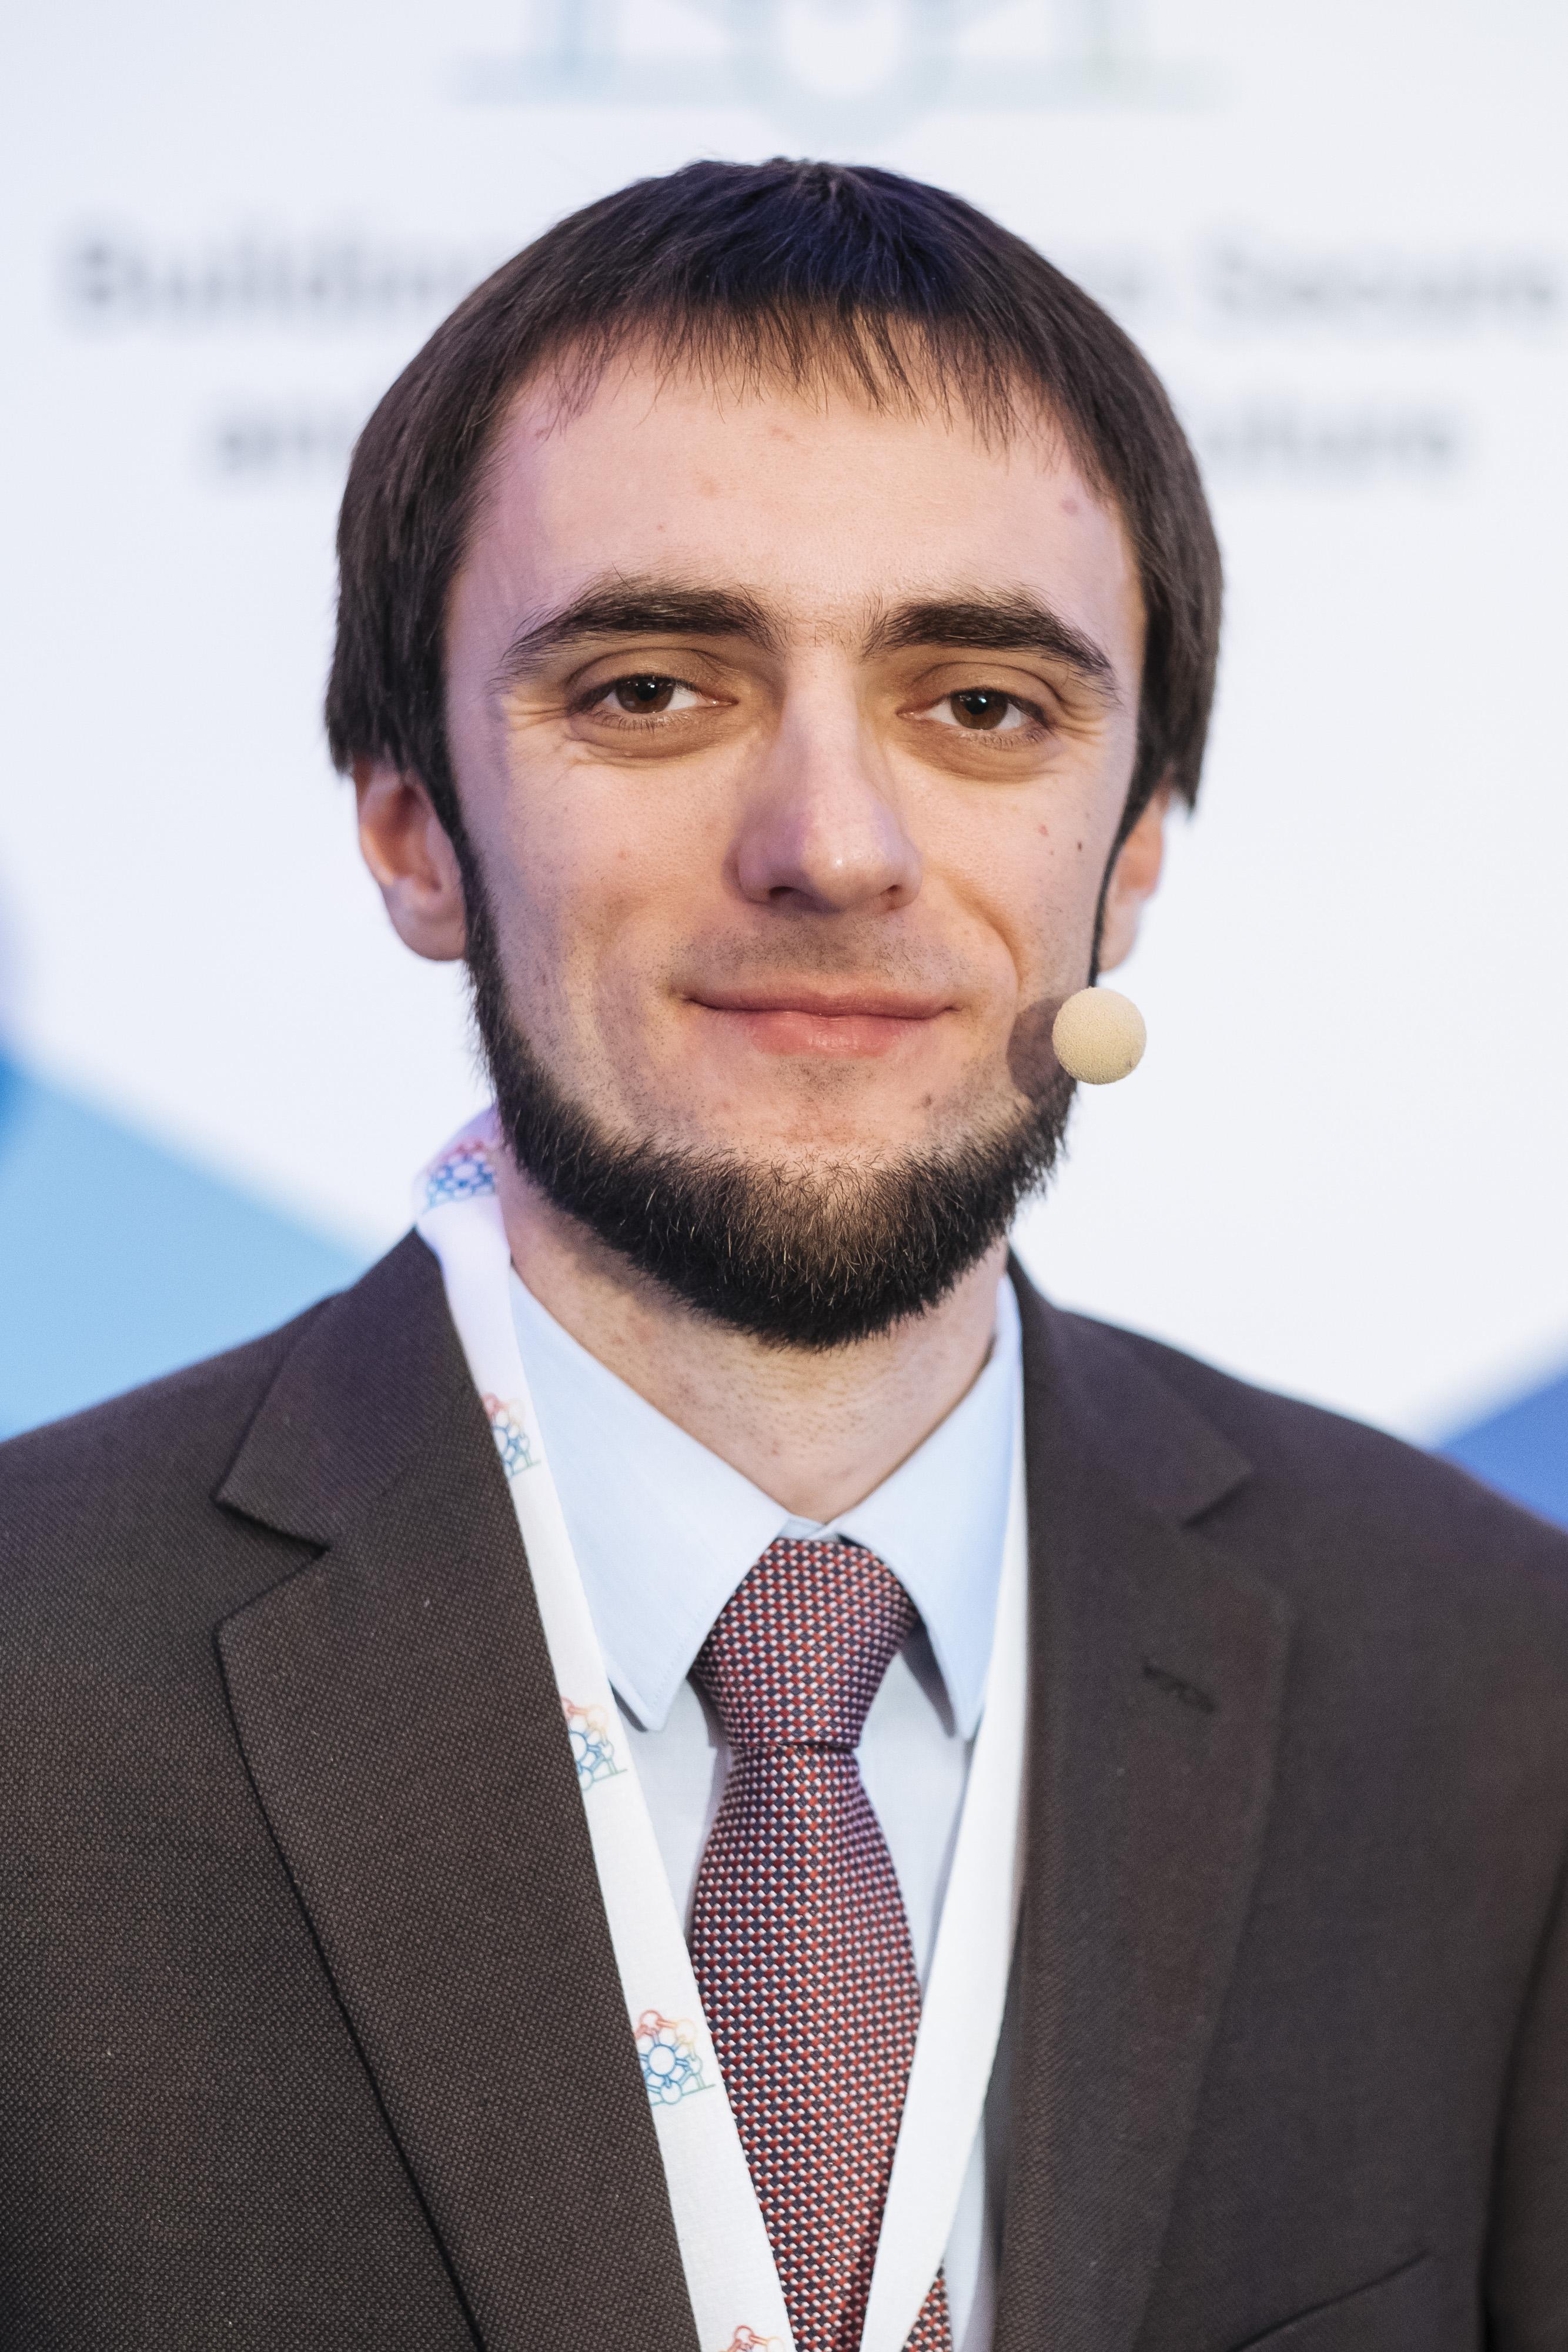 Iurii Vdovenko